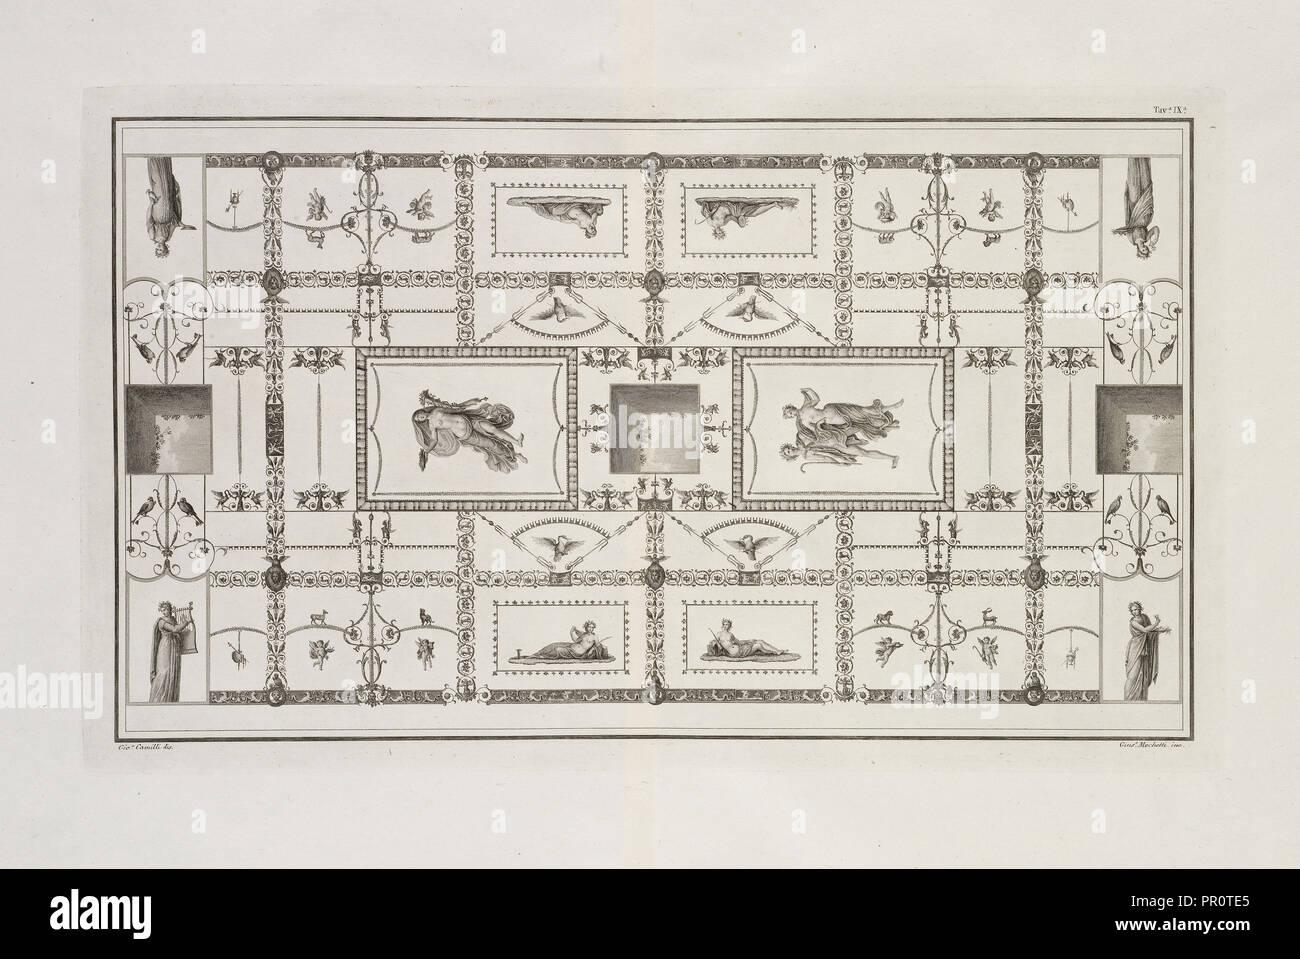 Tavola IX, Le antiche chambres esqviline comvnemente sådanne, delle Terme di Tito, Romanis, Antonio de, gravure, 1822 Photo Stock